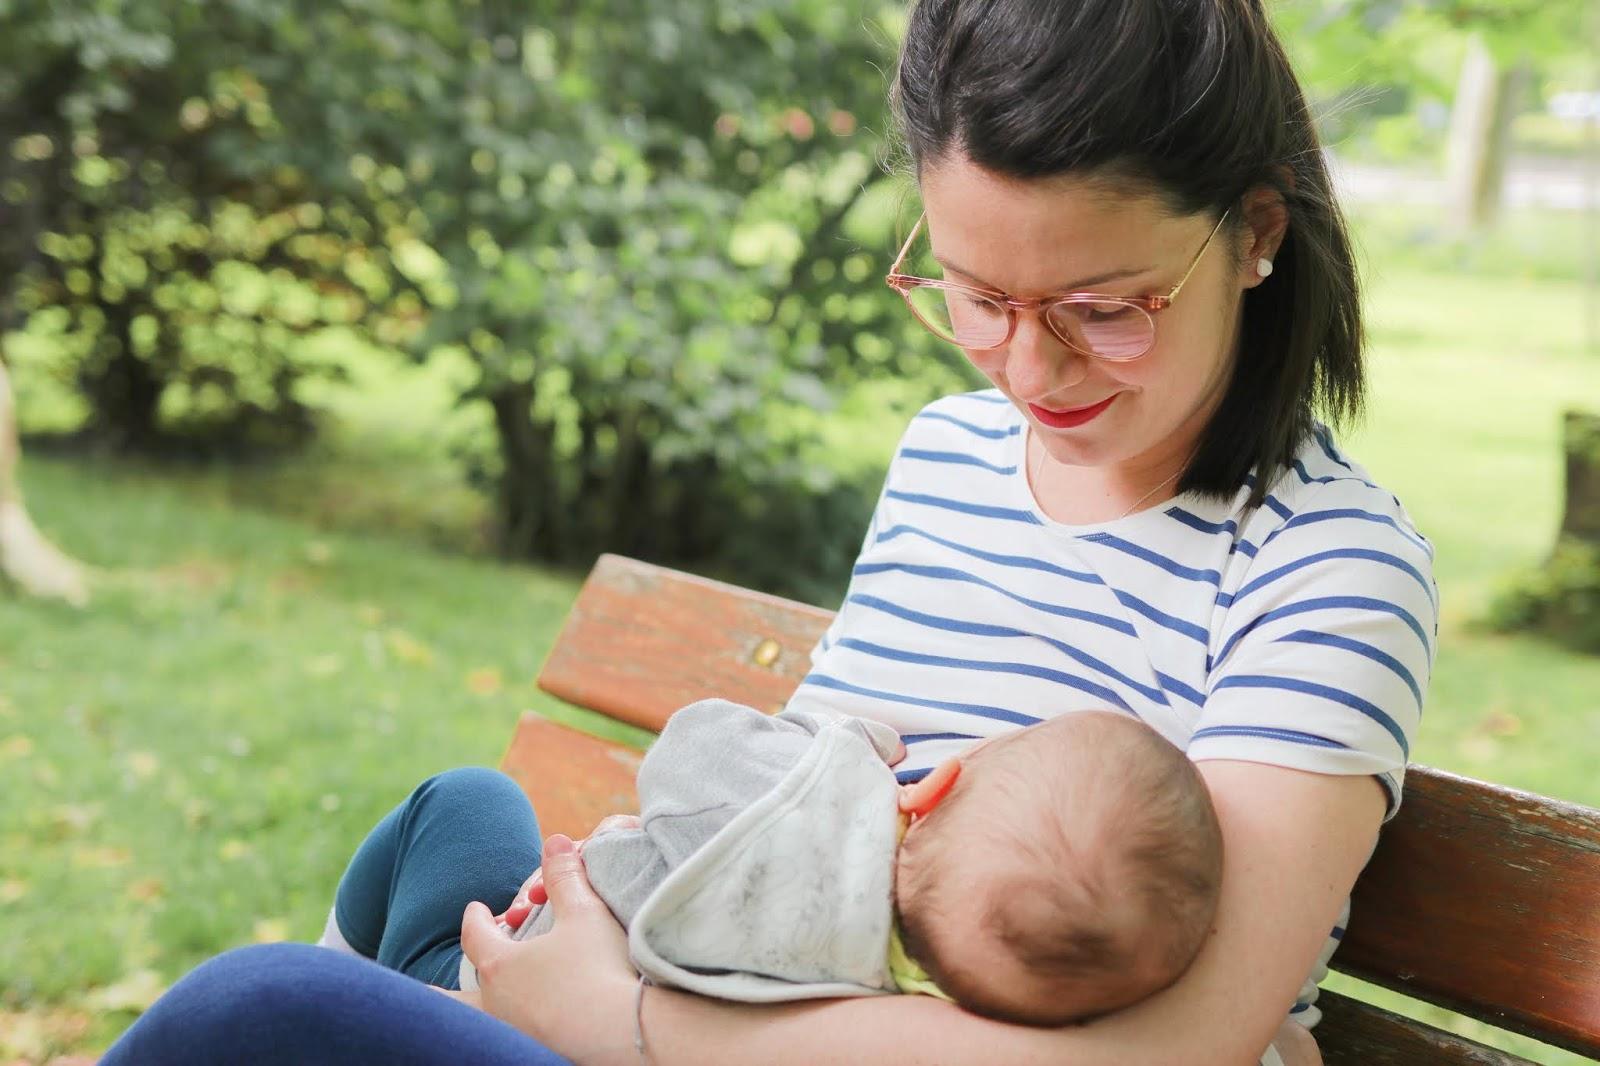 look comment s'habiller idée tenue allaitement allaiter vêtement pratique en public bébé robe tee shirt milker mariniere